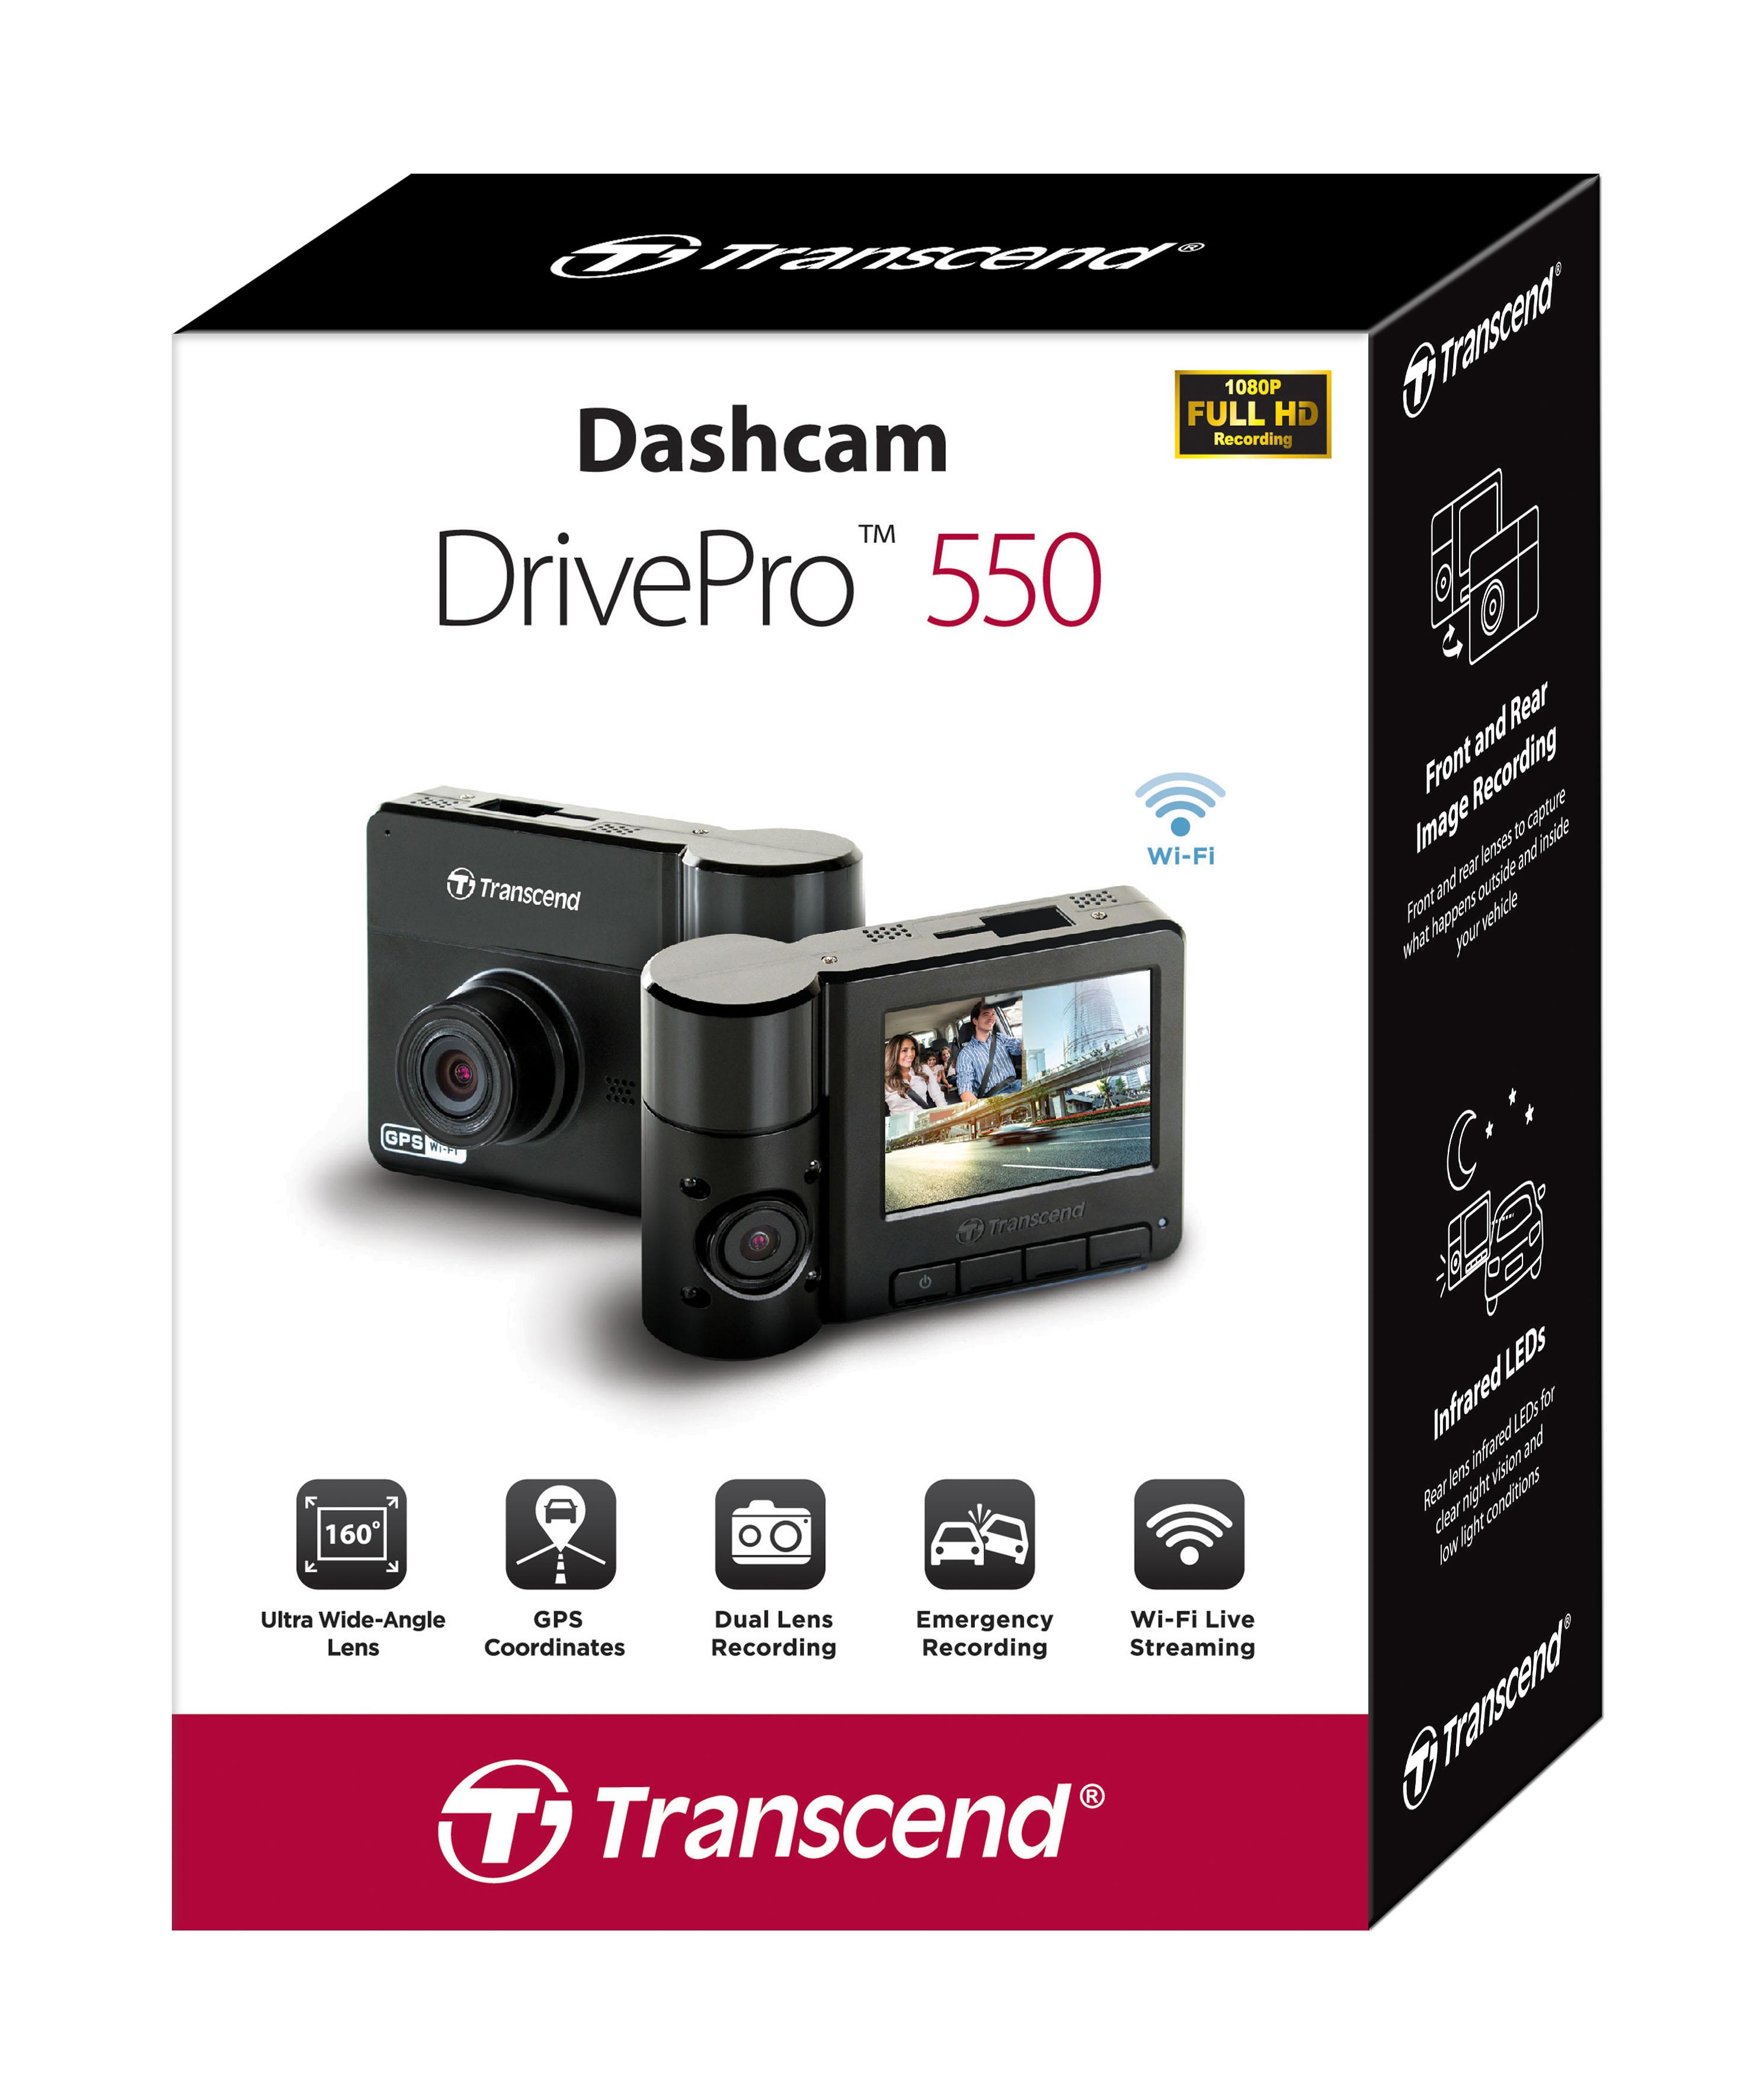 Pic DP550 3